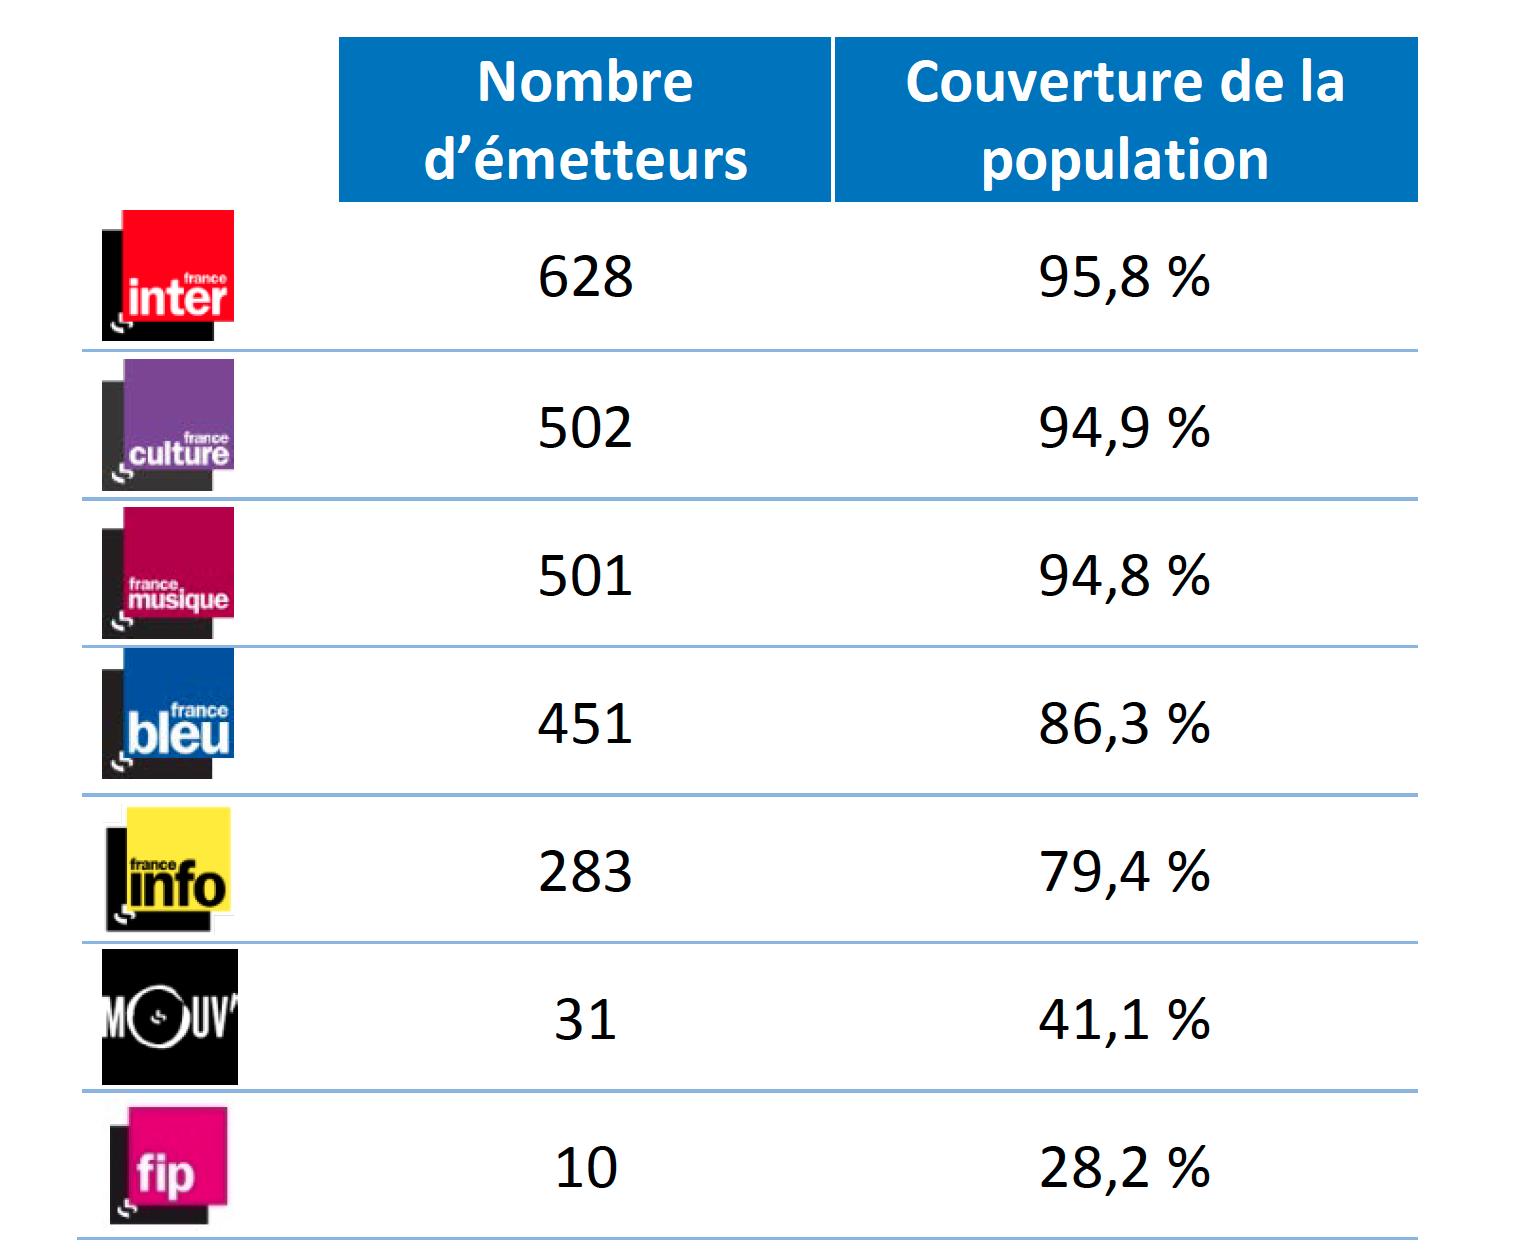 Nombre d'émetteurs et taux de couverture en % au 31 décembre 2016 © Rapport d'exécution du Cahier des charges